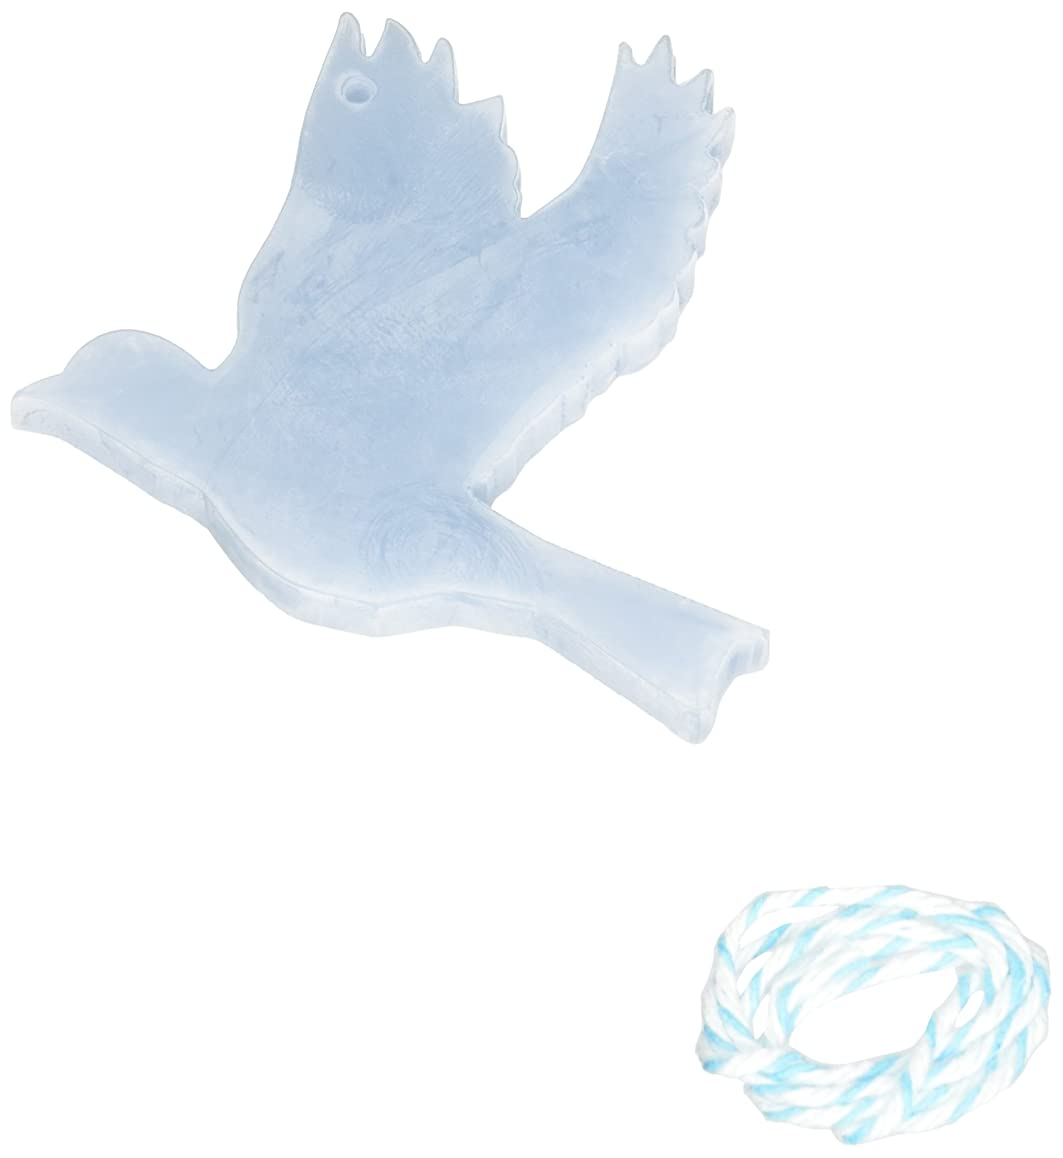 赤道円形不正確GRASSE TOKYO AROMATICWAXチャーム「ハト」(BL) ローズマリー アロマティックワックス グラーストウキョウ